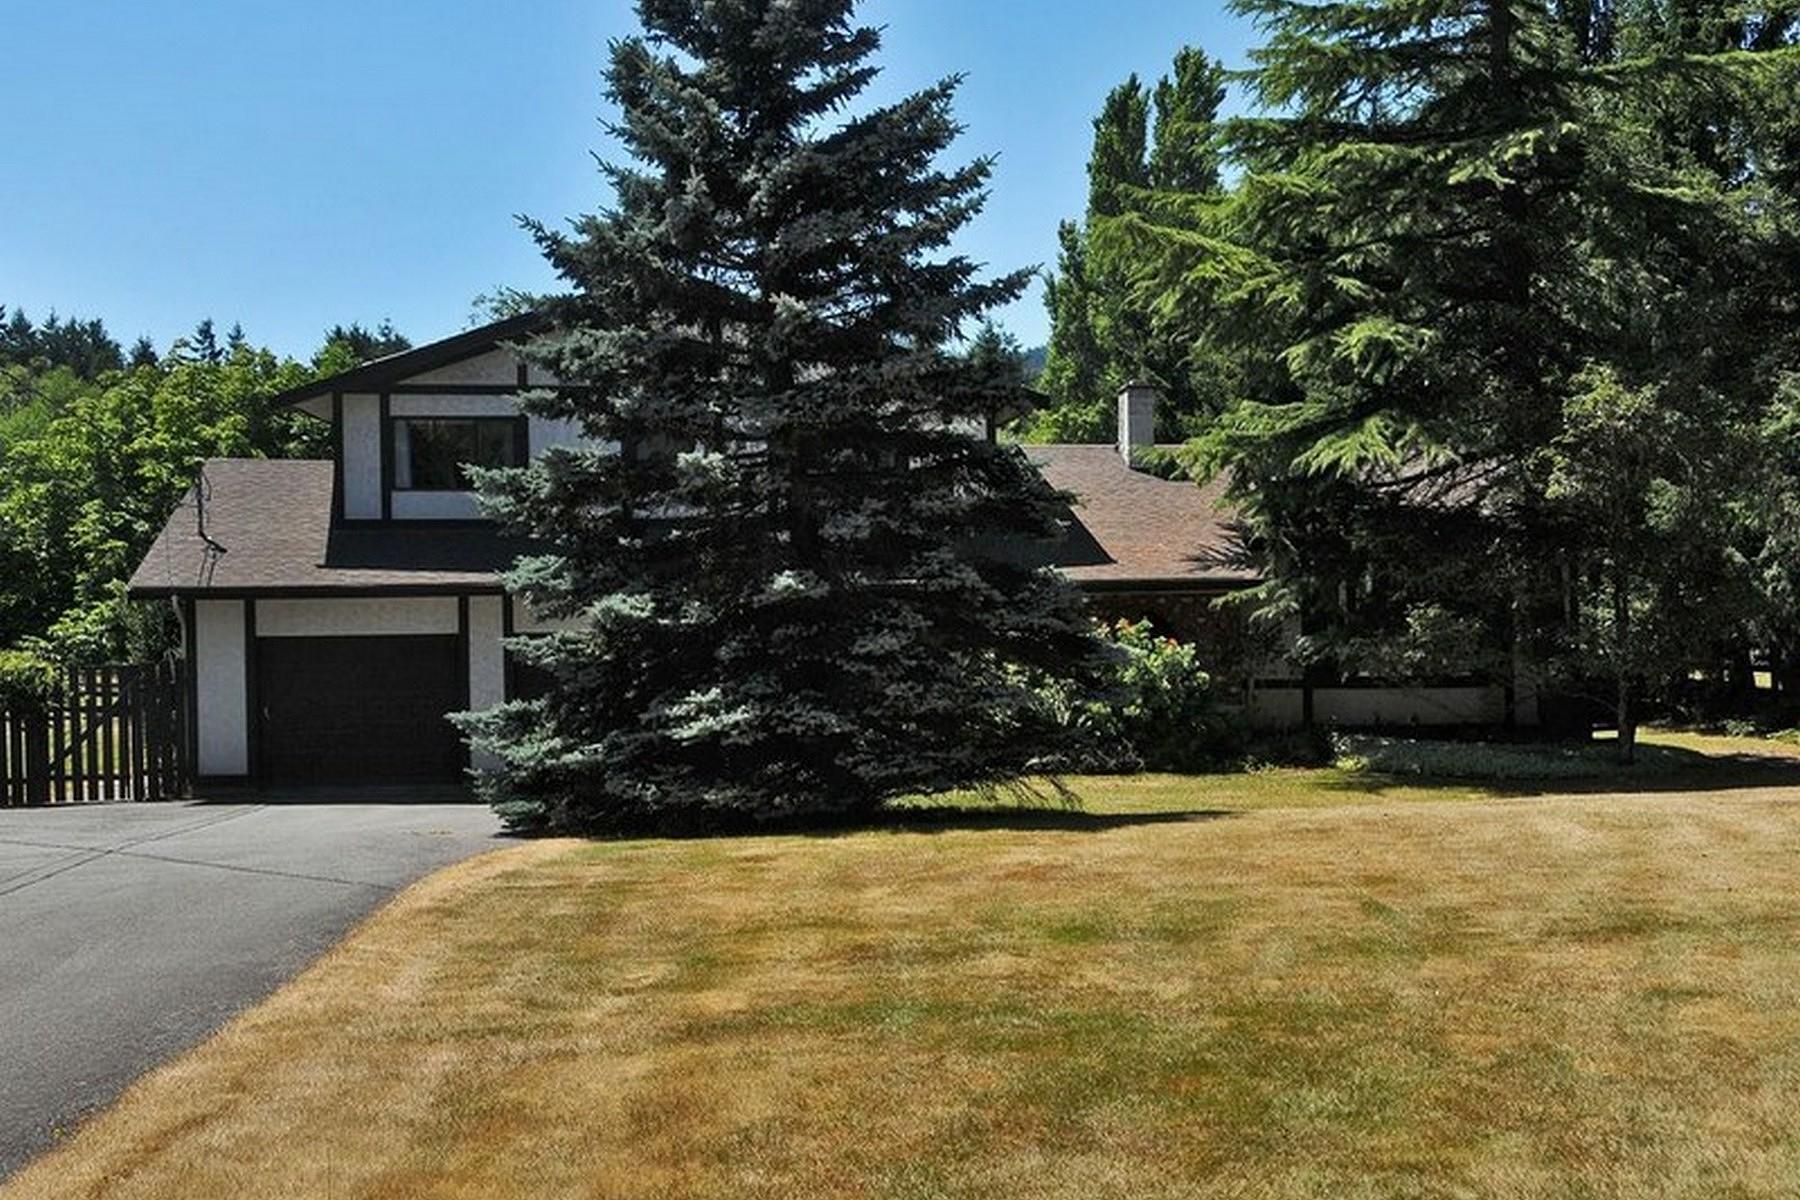 Vivienda unifamiliar por un Venta en Traditional Quality Built Home 4286 Happy Valley Road Victoria, British Columbia V9C 3Y1 Canadá